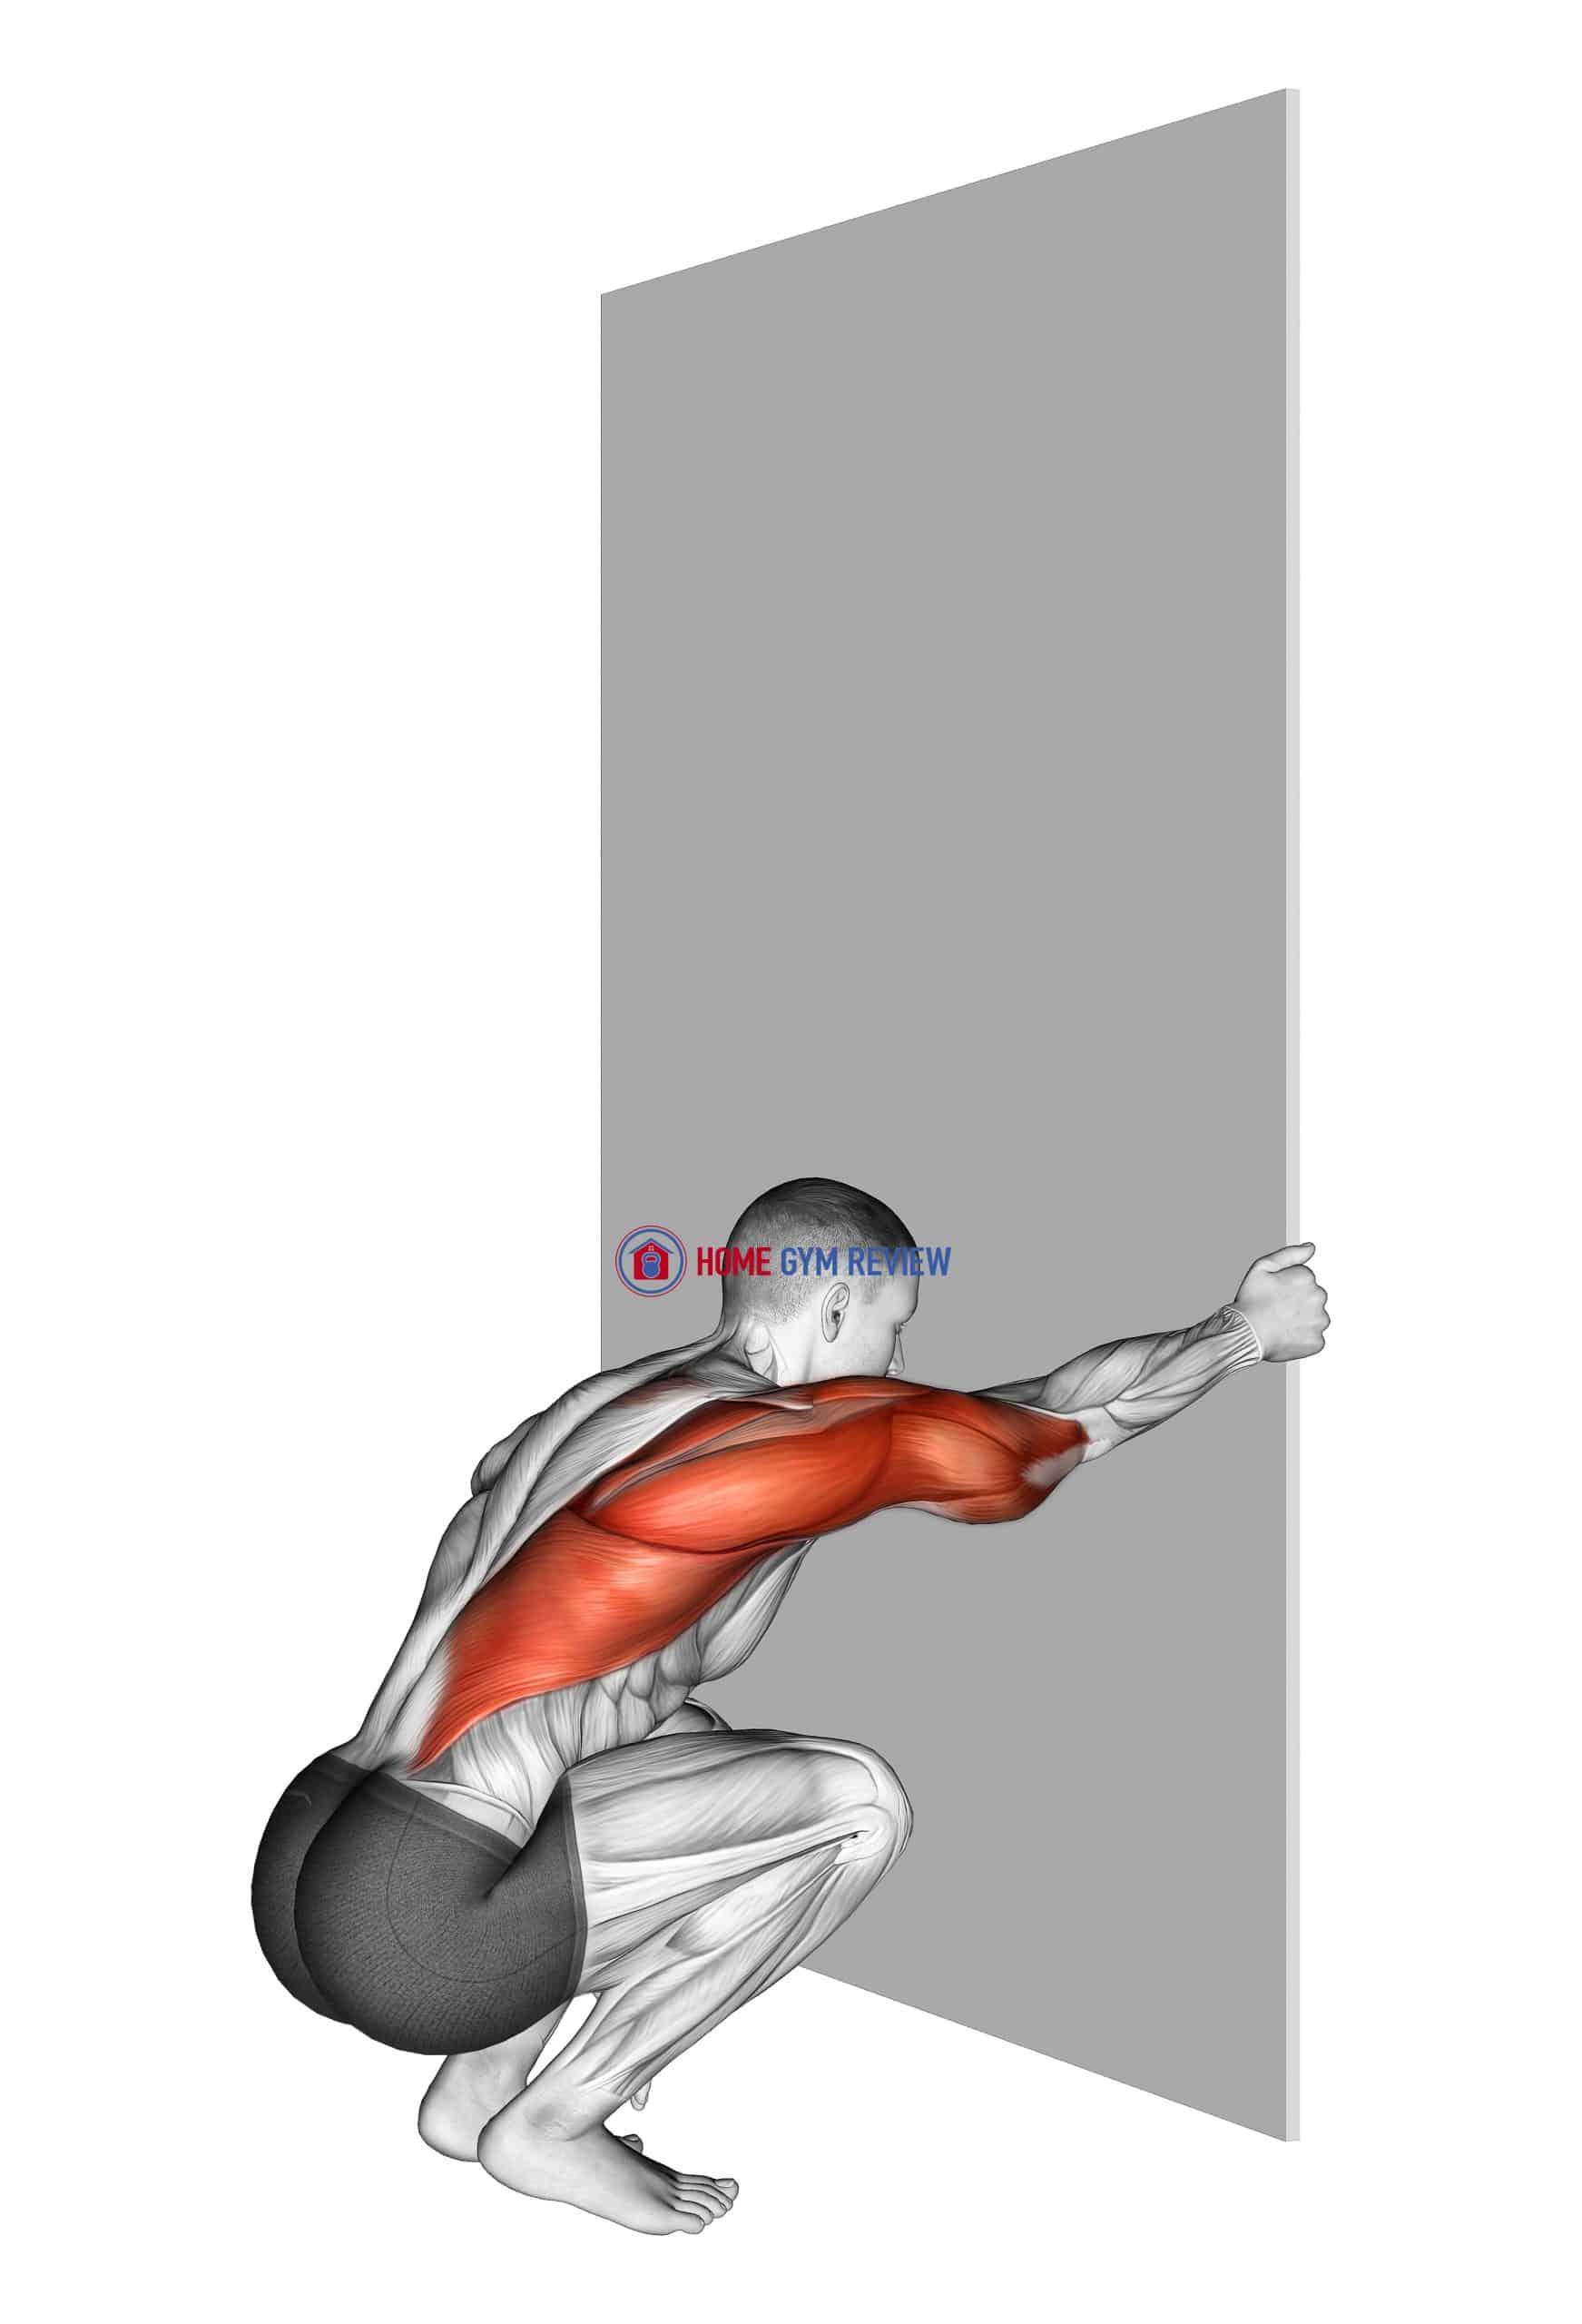 Reaching upper back stretch